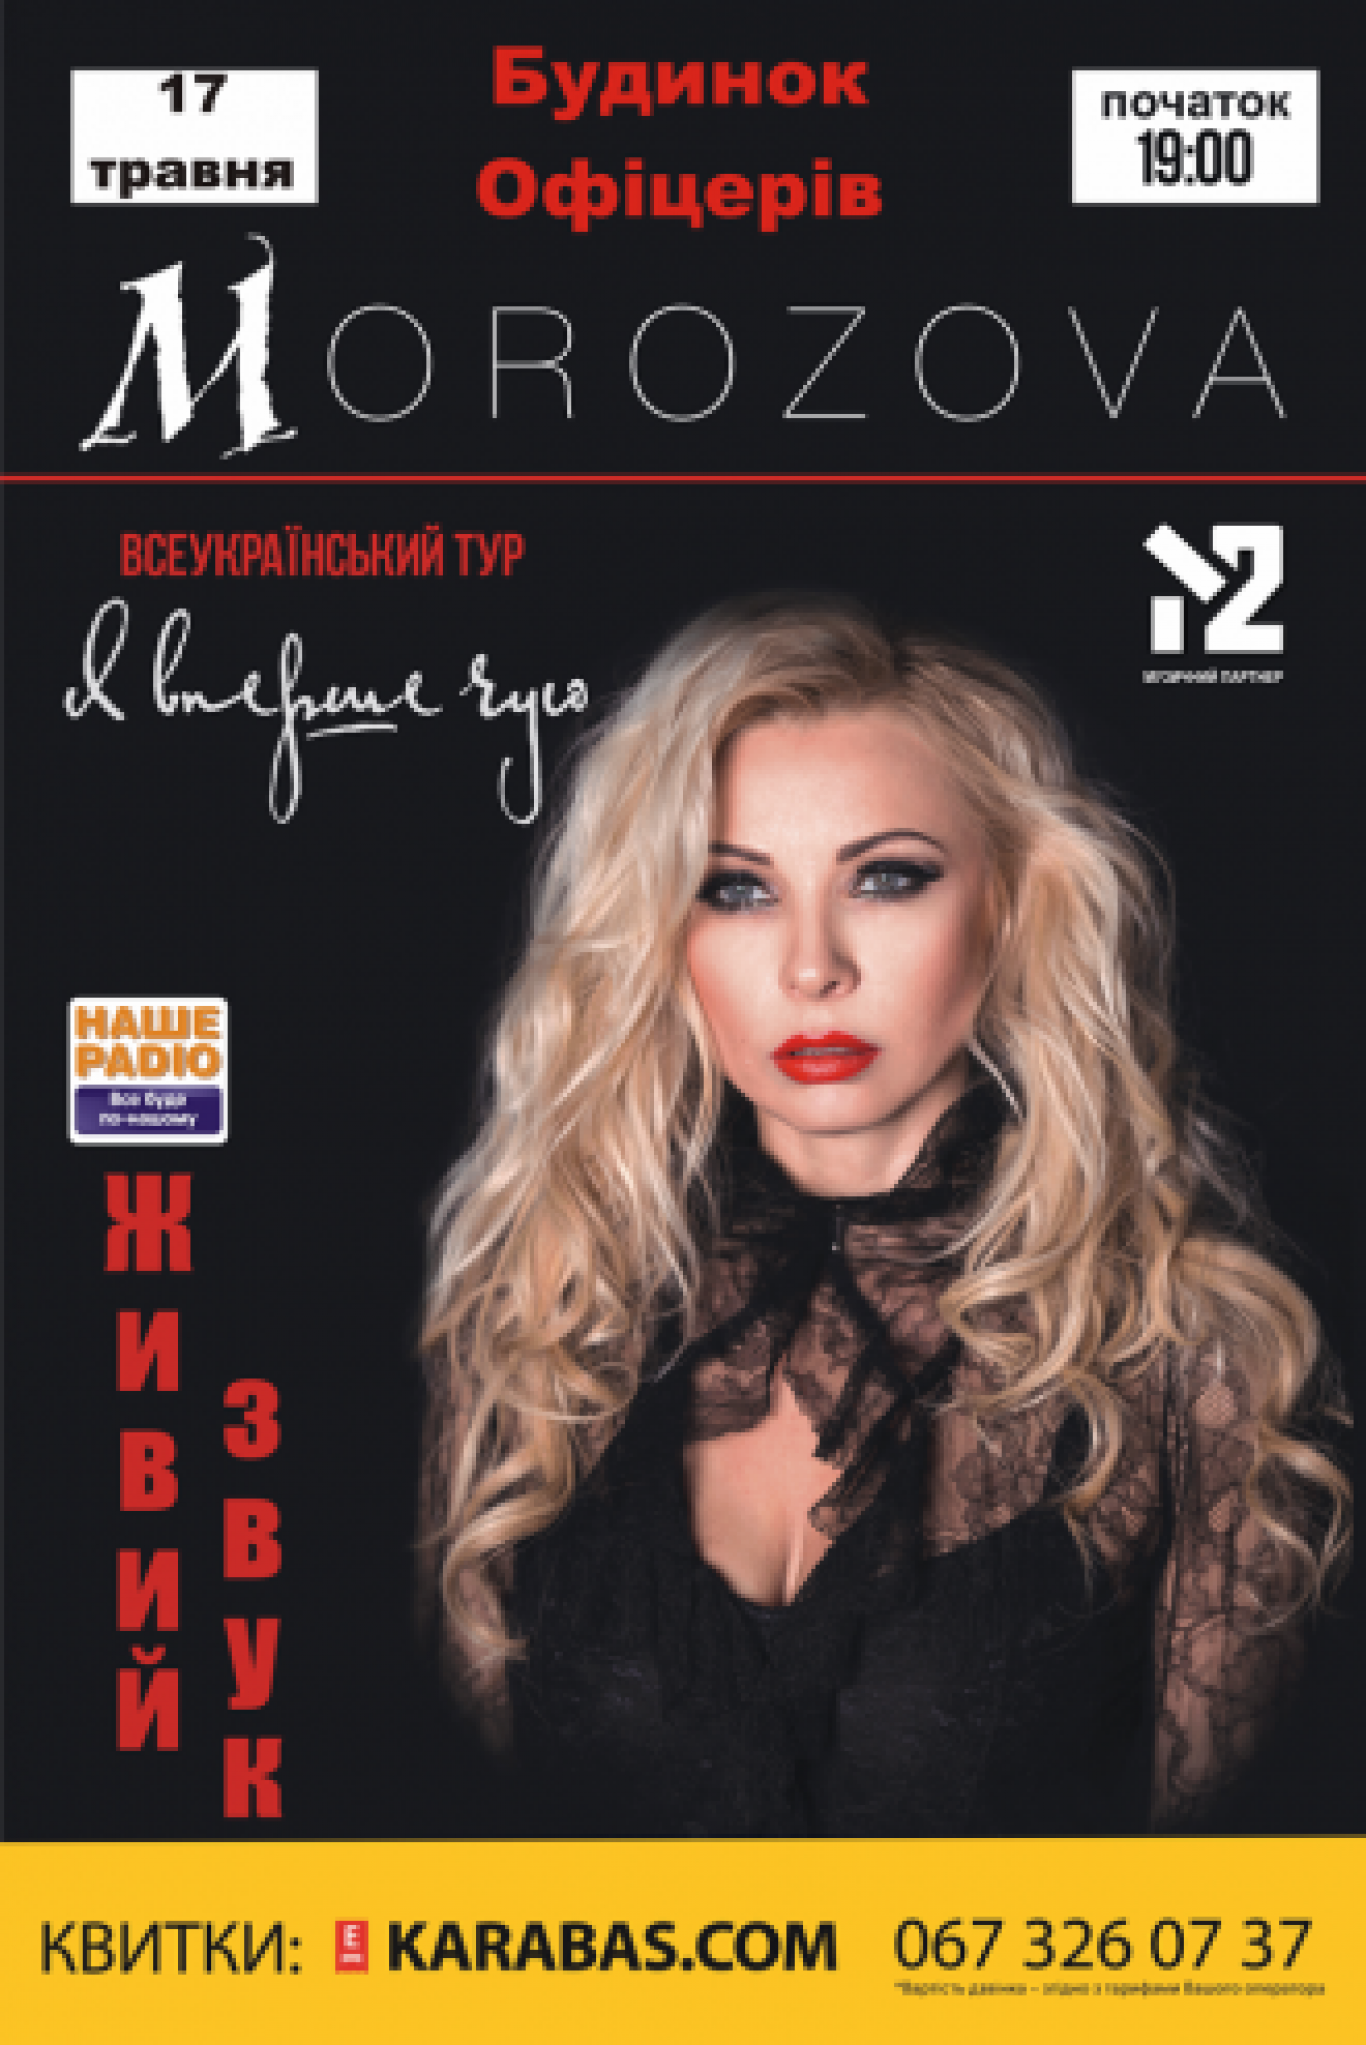 """Всеукраїнський тур Morozova """"Я вперше чую"""". Розіграш квитків"""